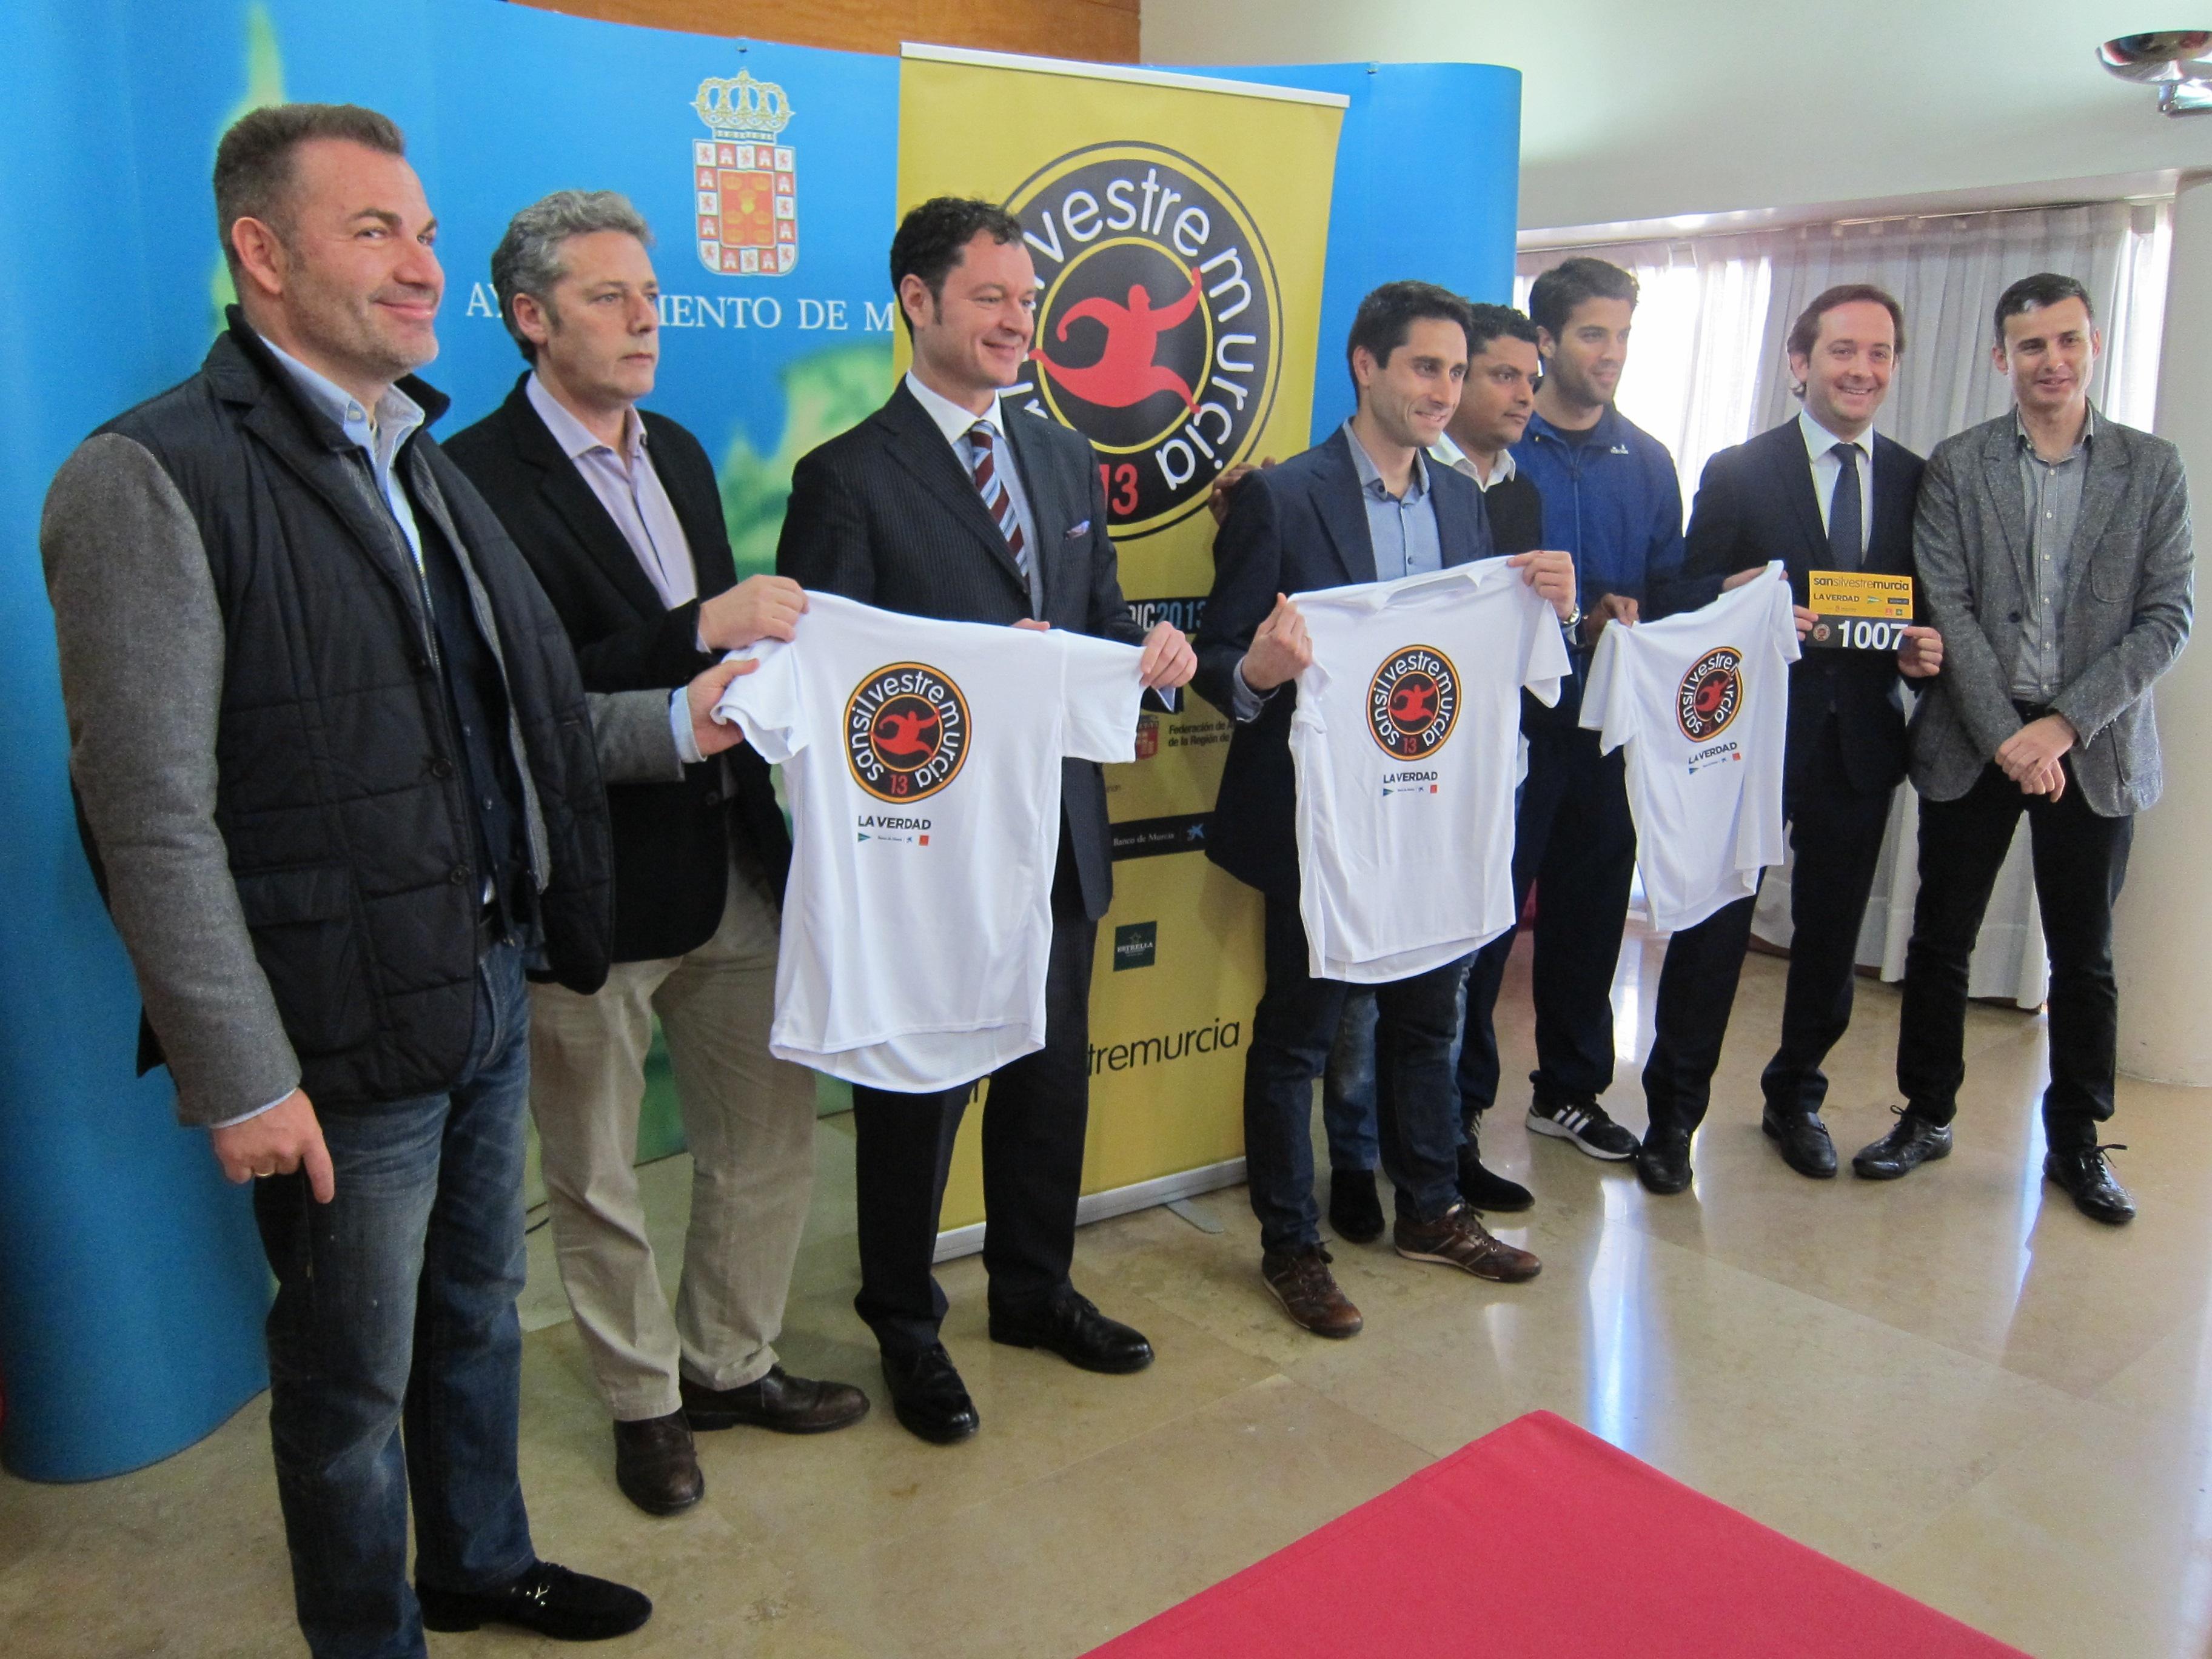 La carrera popular »San Silvestre» de Murcia contará con cerca de 4.000 participantes este año